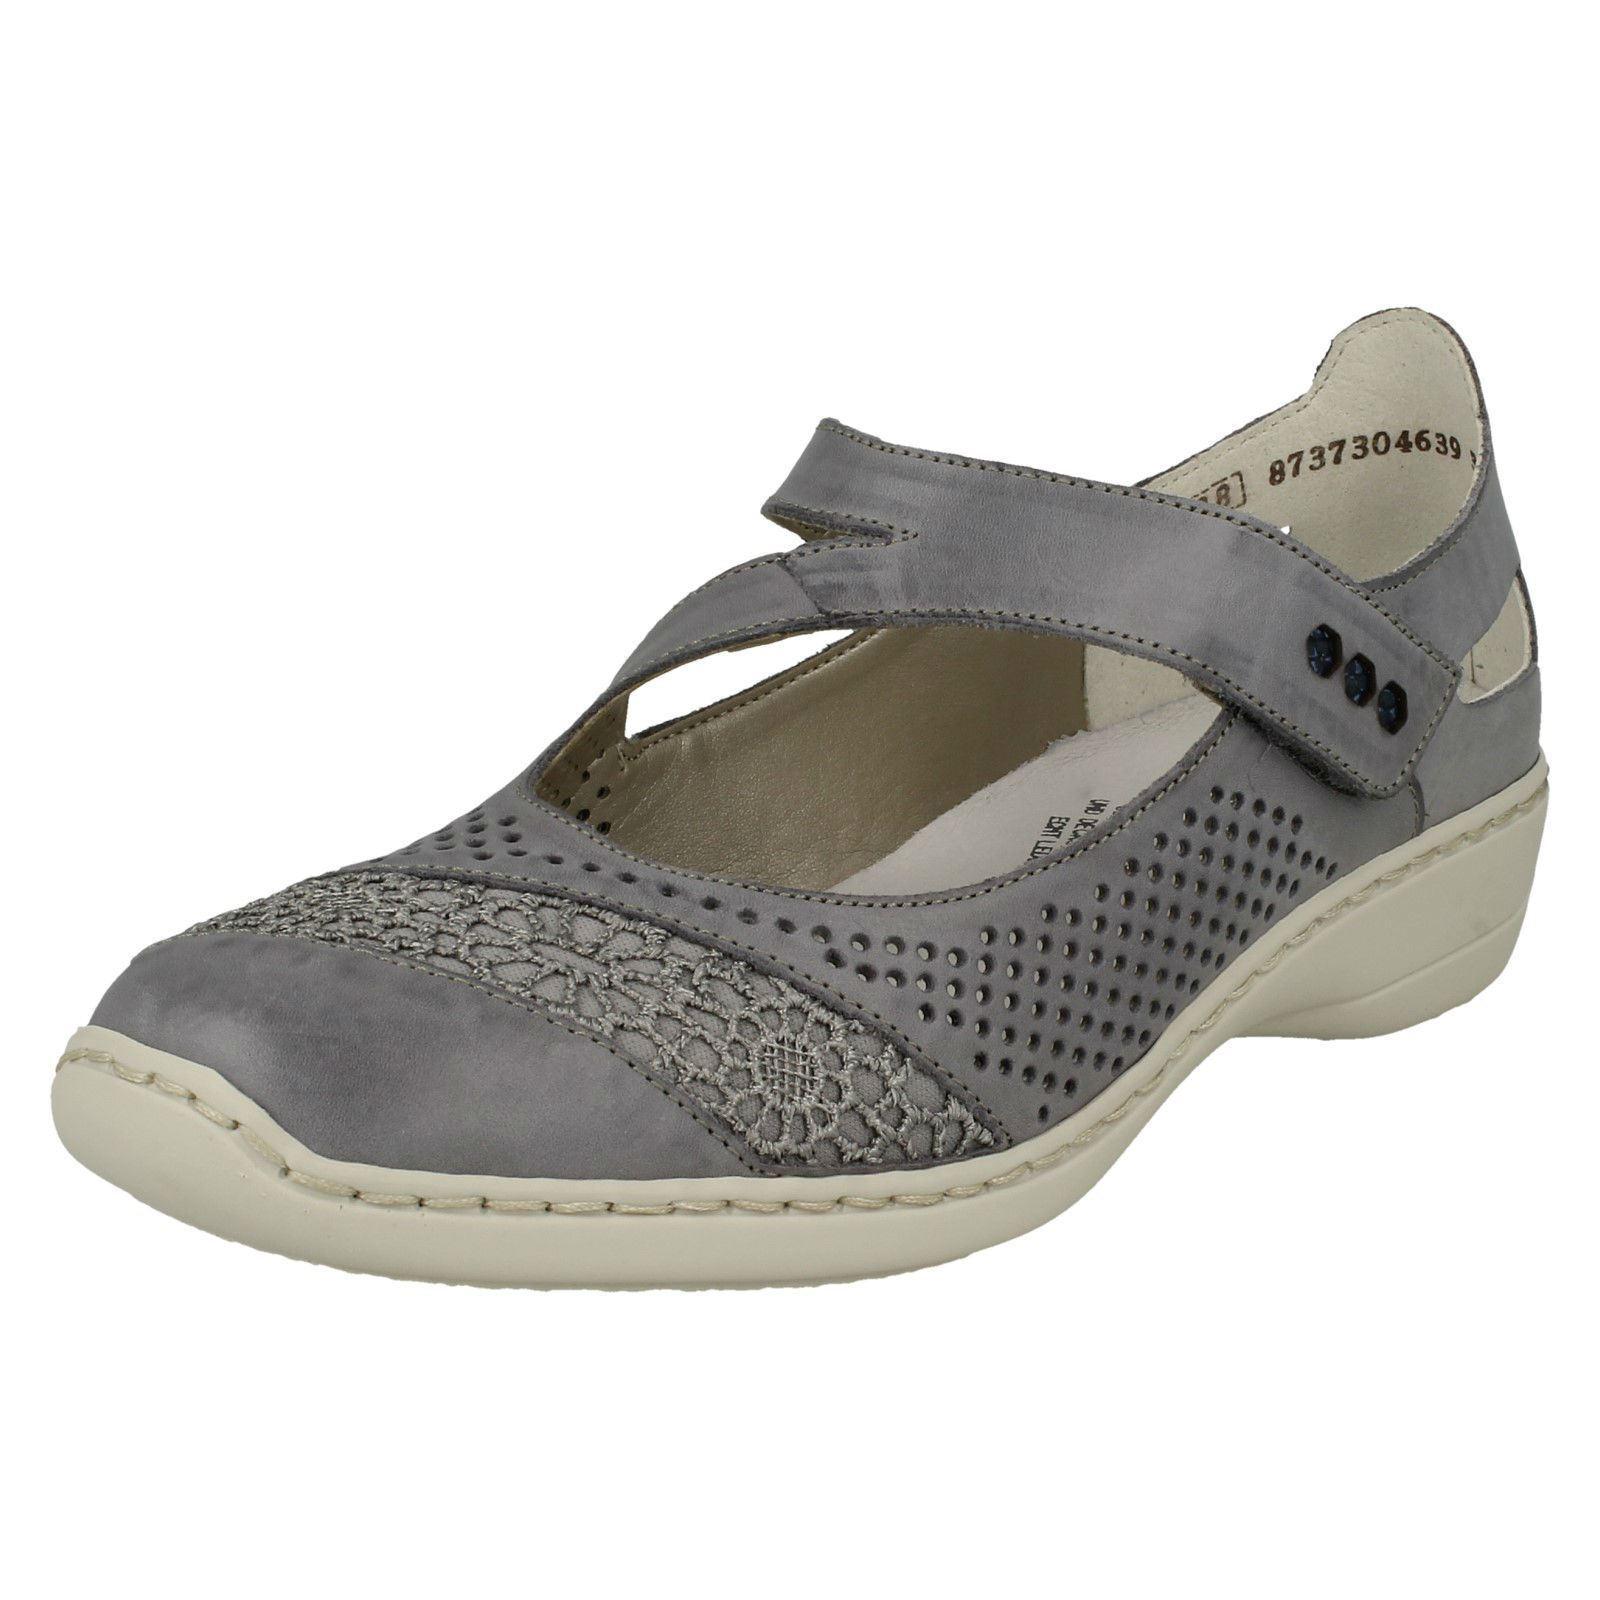 Rieker Damen Sommer Schuhe 41346